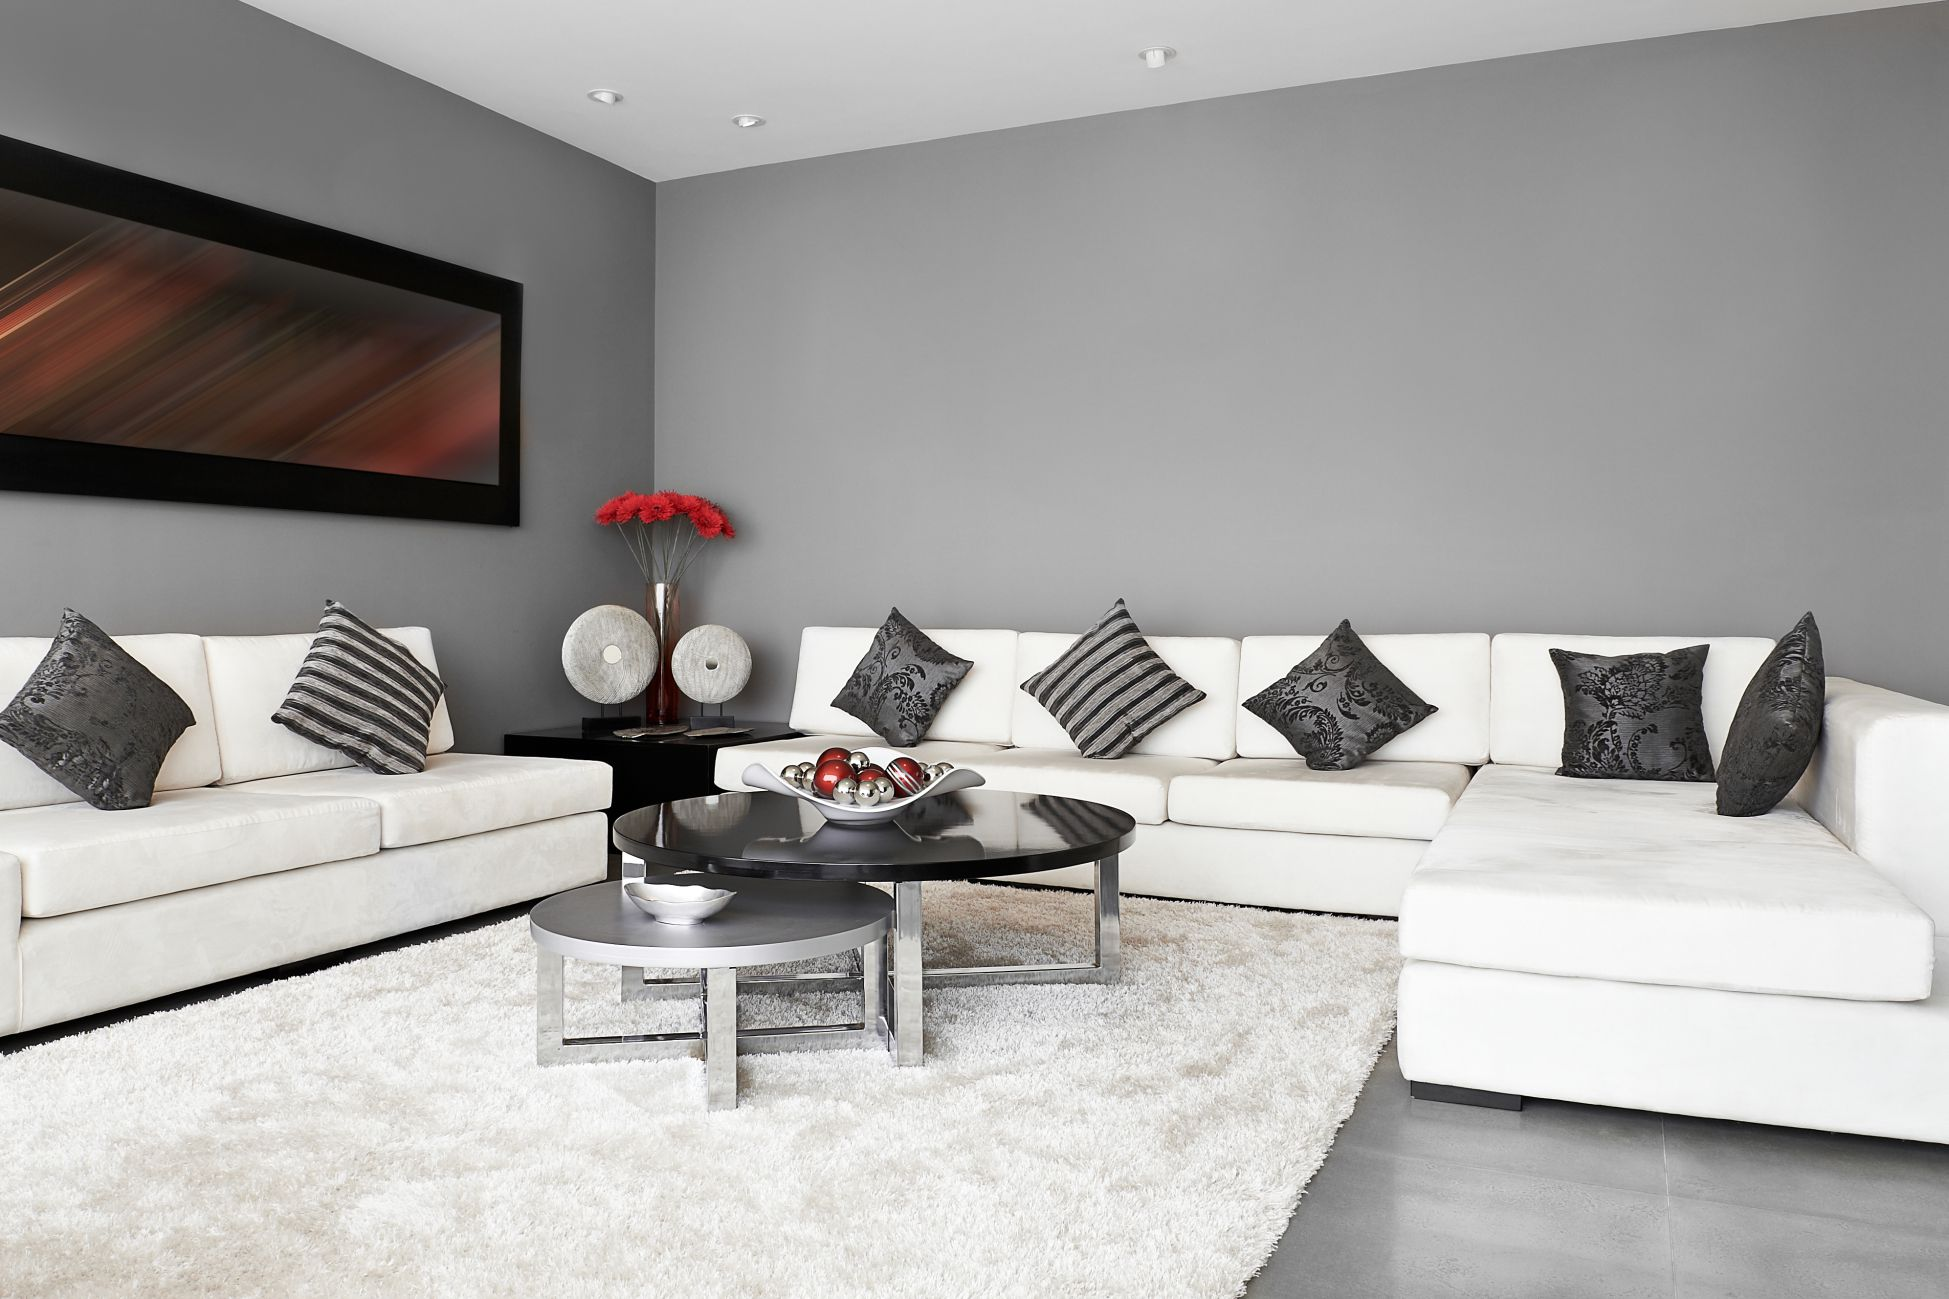 Combina O Perfeita Entre O Cinza E O Branco Blog Da Anjoblog Da Anjo -> Sala Em Cinza E Vermelho